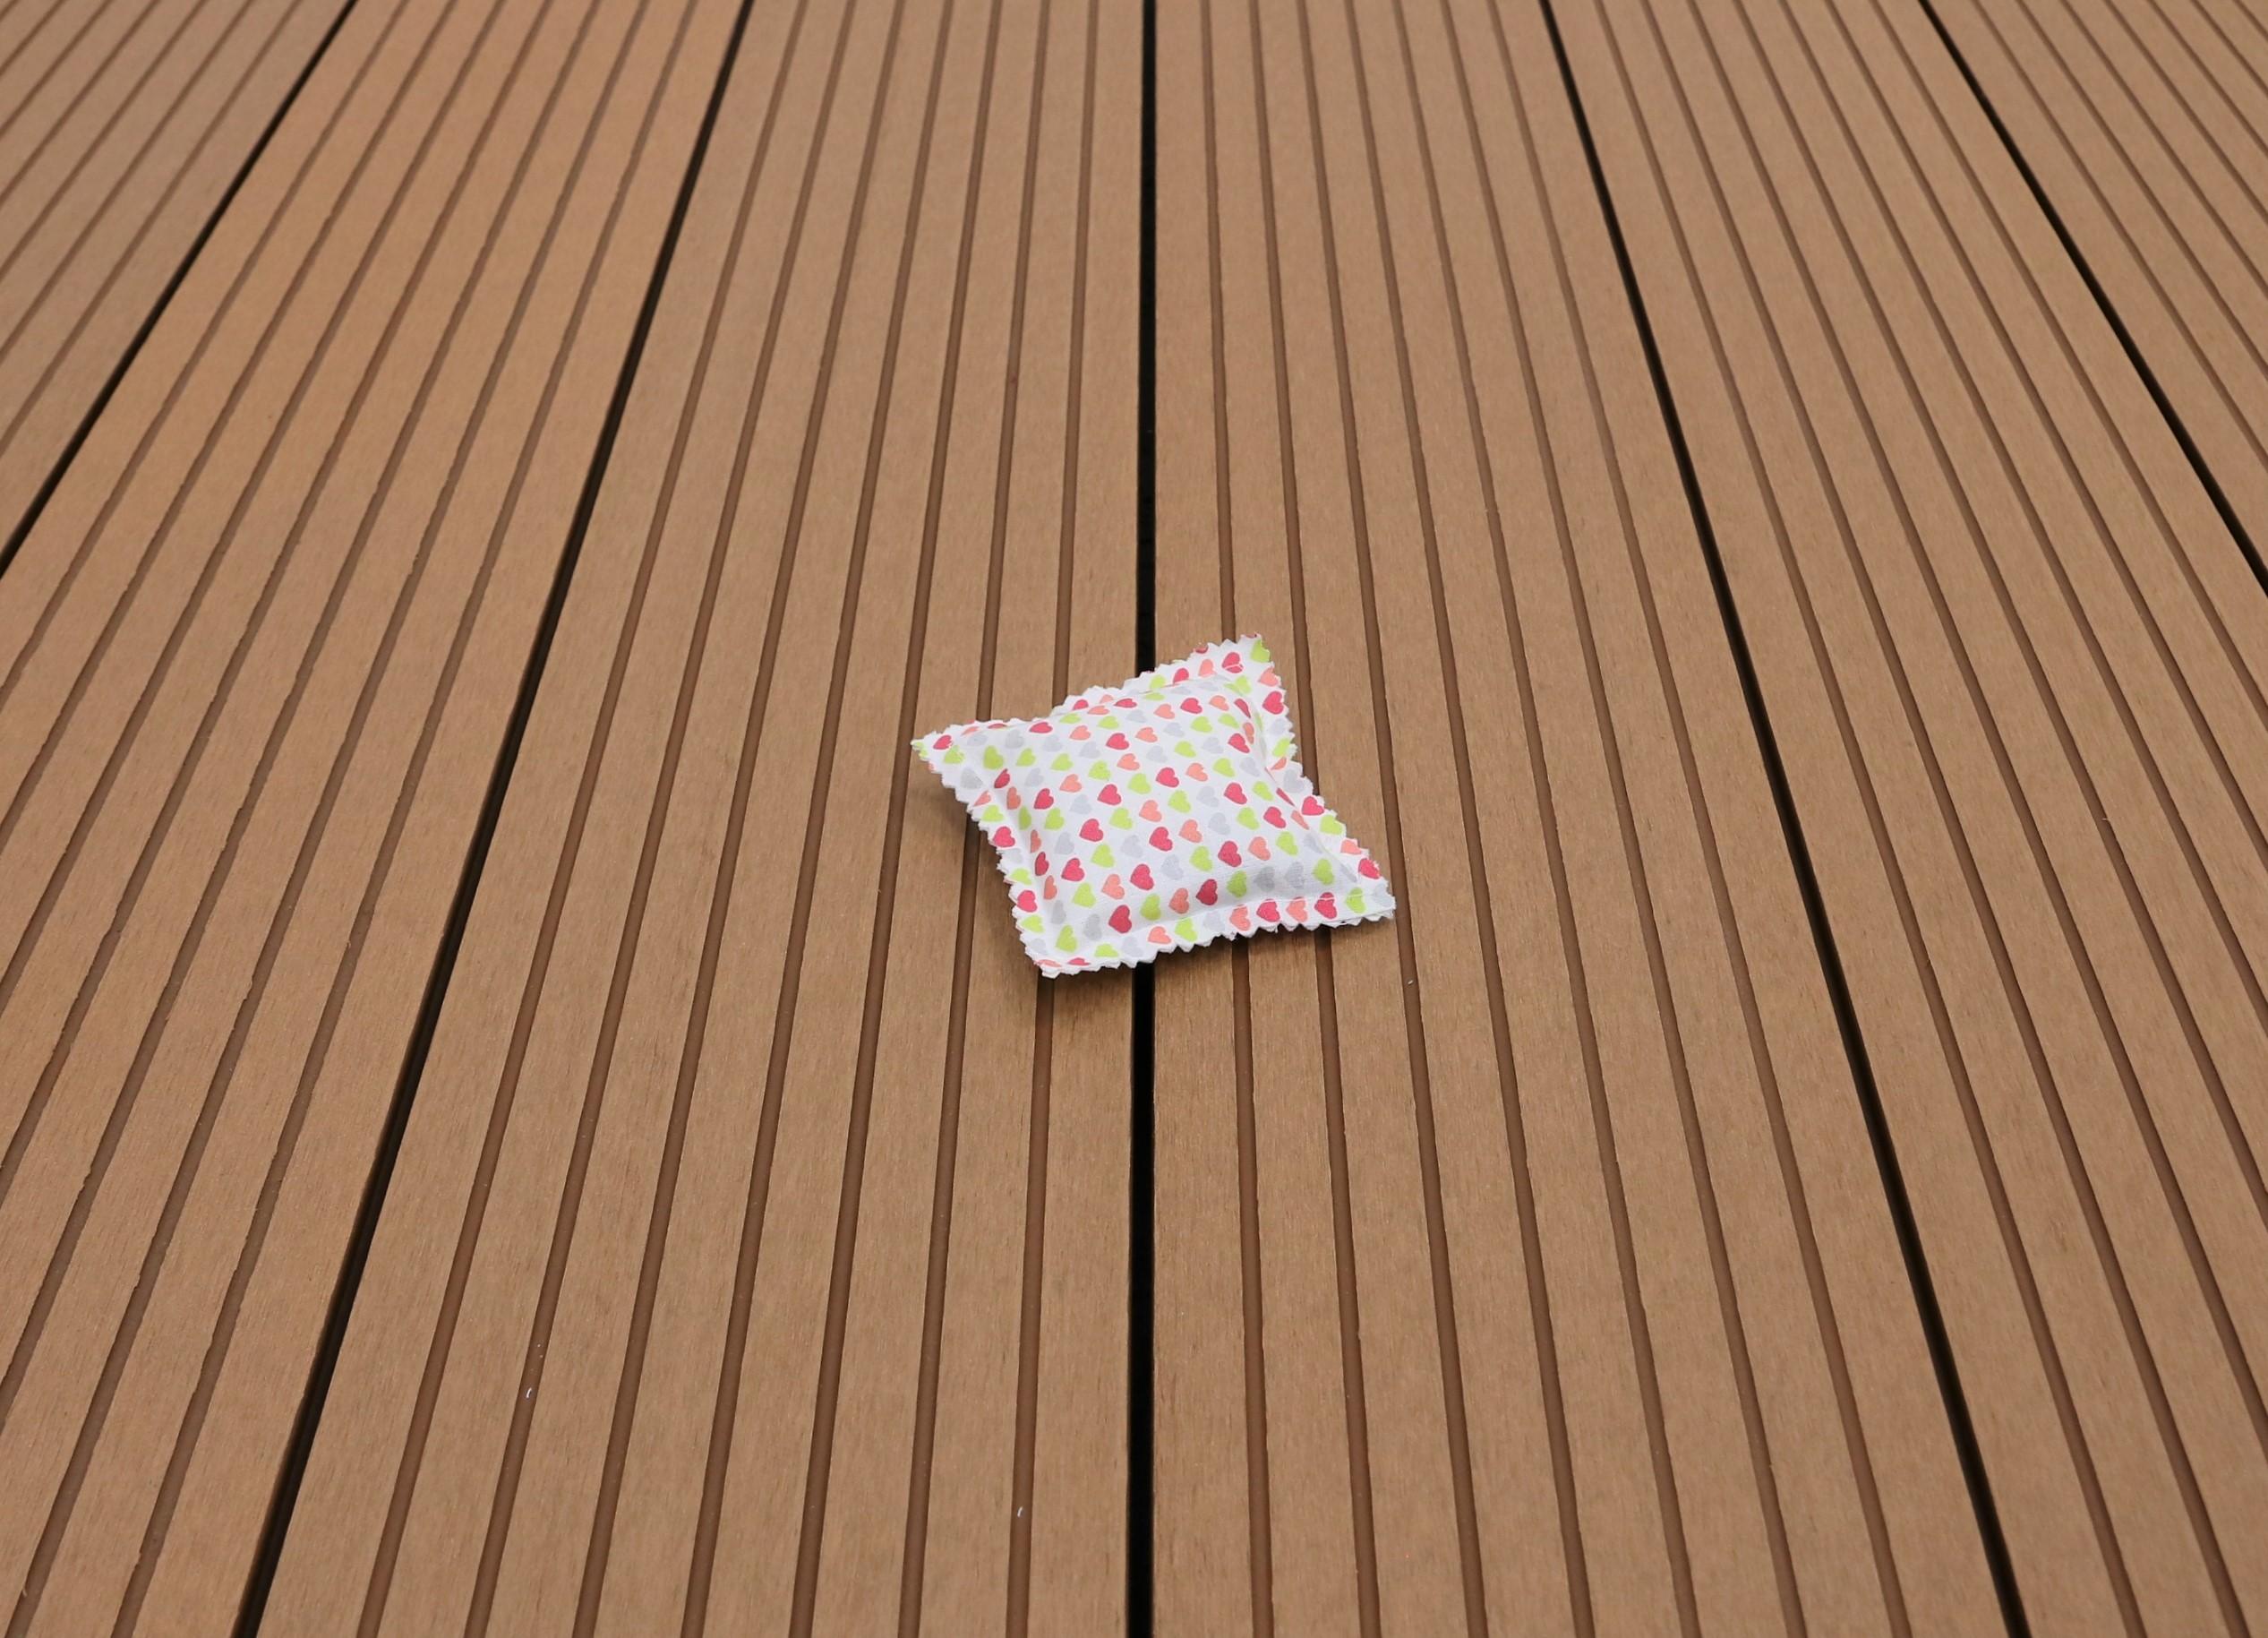 WPC Terrassendielen Hohlkammer, Oberfläche grob genutet, Farbton hellbraun, 22 x 146 bis 4800 mm für 5,30 €/lfm